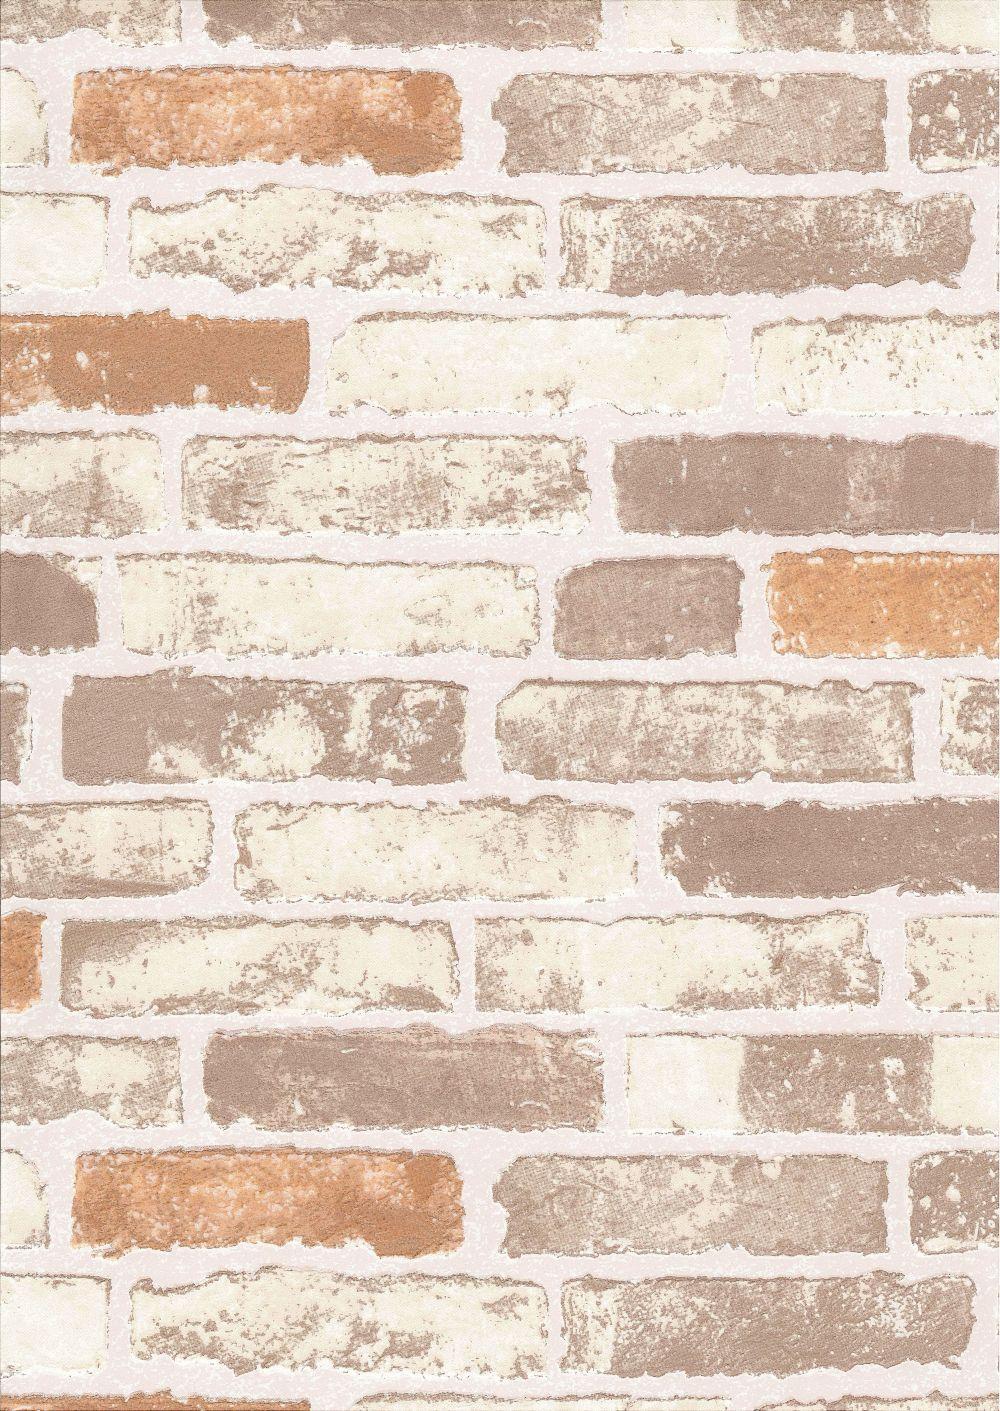 Ladrillo textura del papel pintado imagenes for Imagenes papel pintado